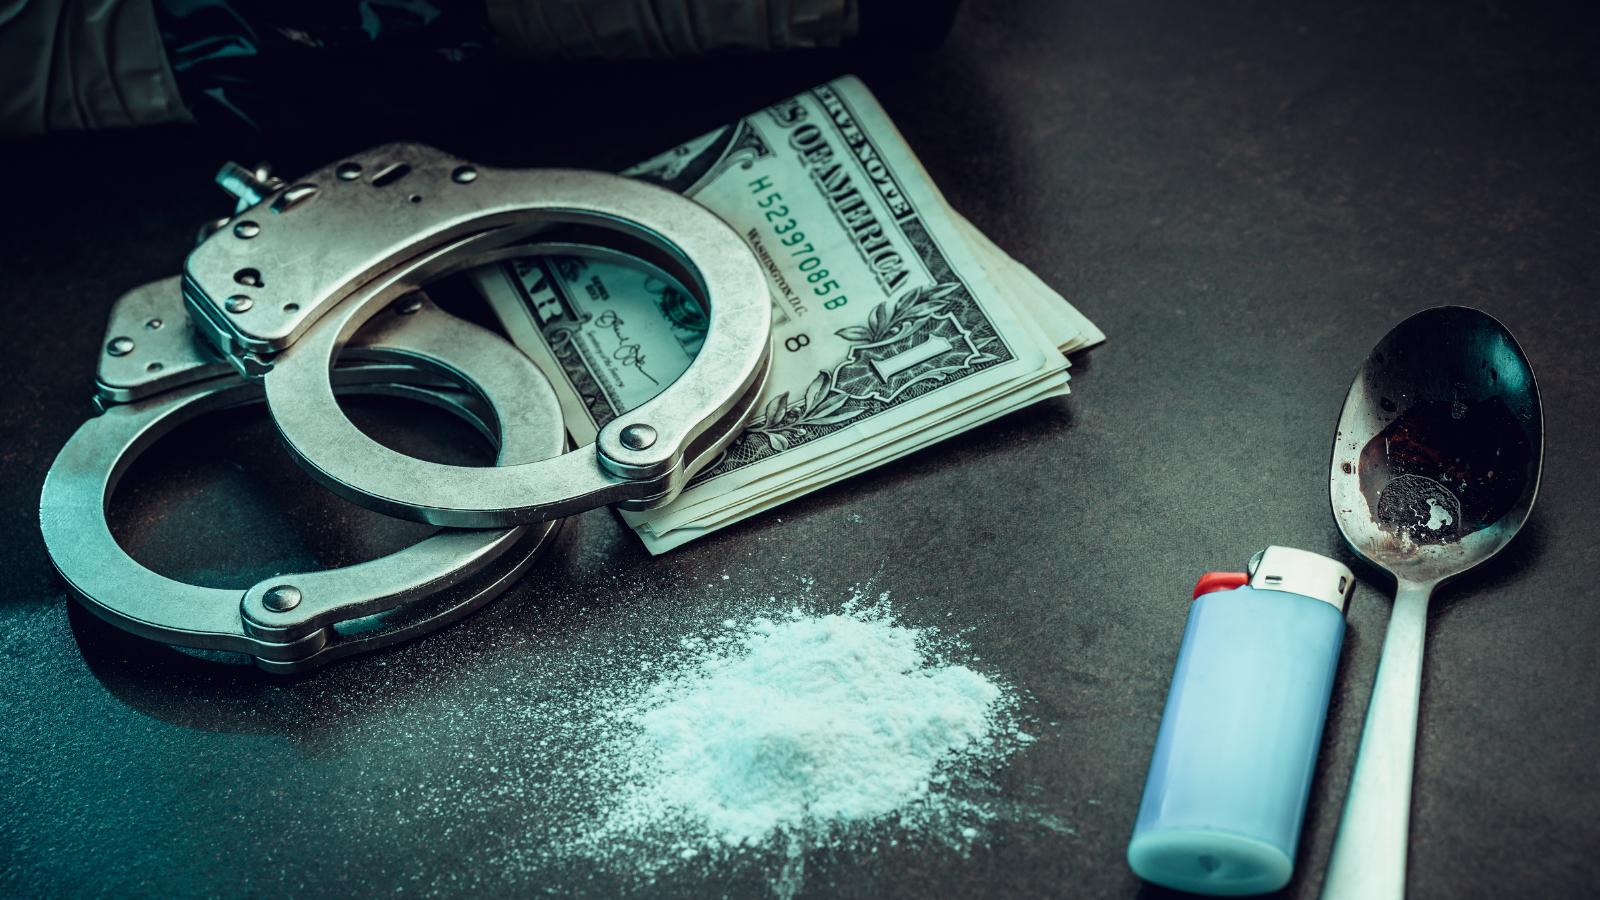 SMID-Polres Semarang Berhasil Ungkap 8 Kasus Narkoba